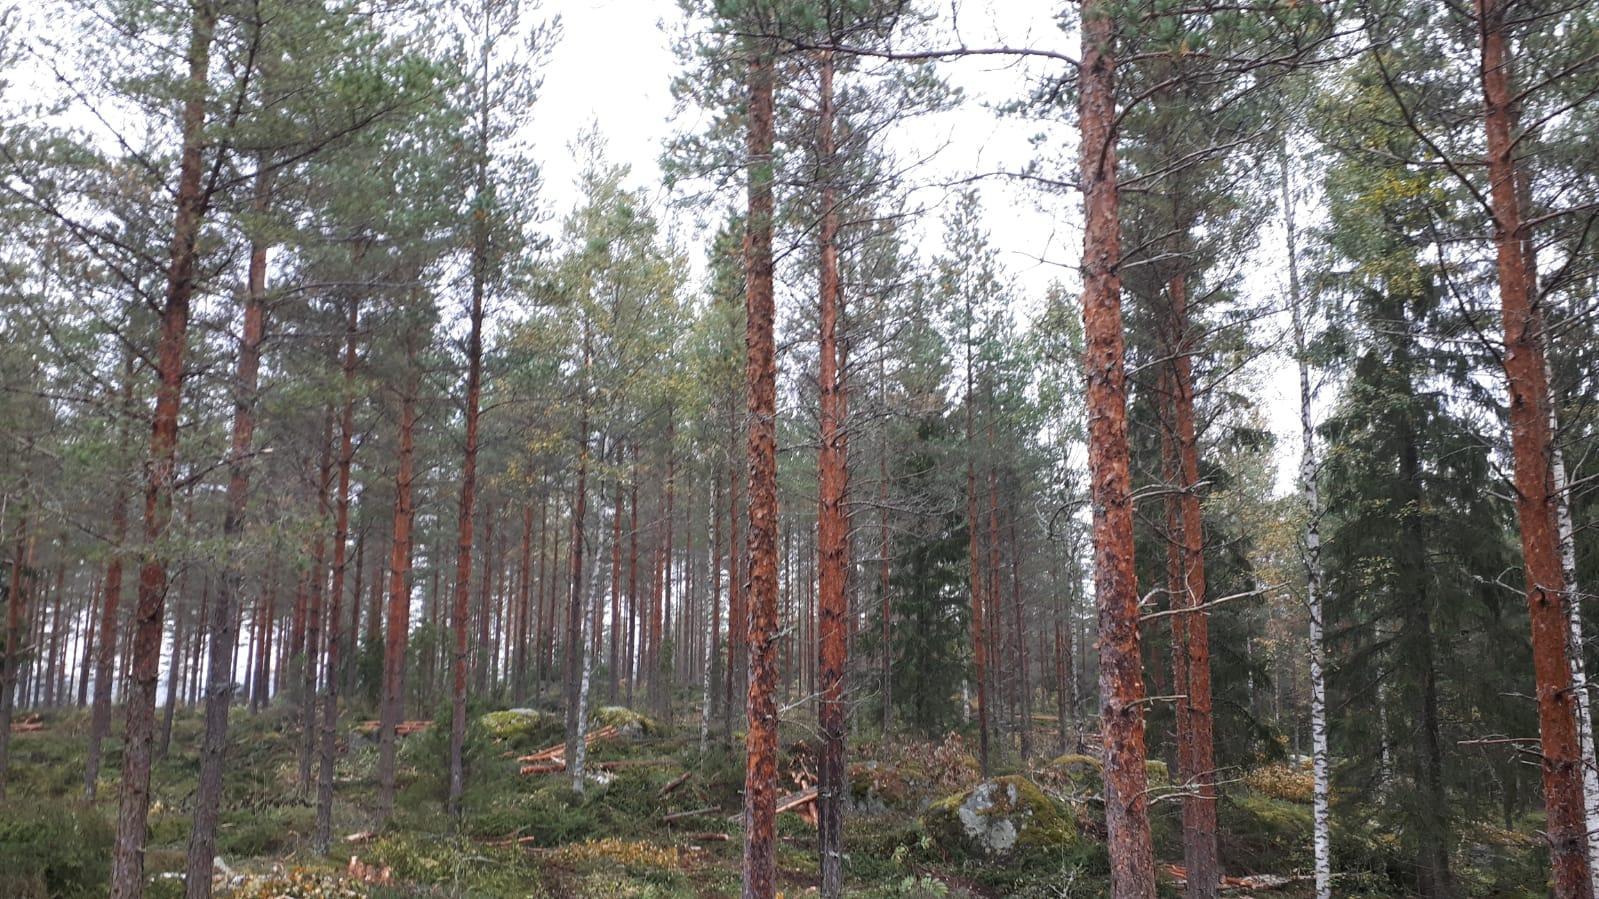 Ensiharvennuksessa metsästä poistetaan noin kolmasosa heikkolaatuisimmasta puustosta ja jätetään jäljelle parhaat rungot, jotta ne saavat paremmat olosuhteet kasvaa järeämmiksi rungoiksi.